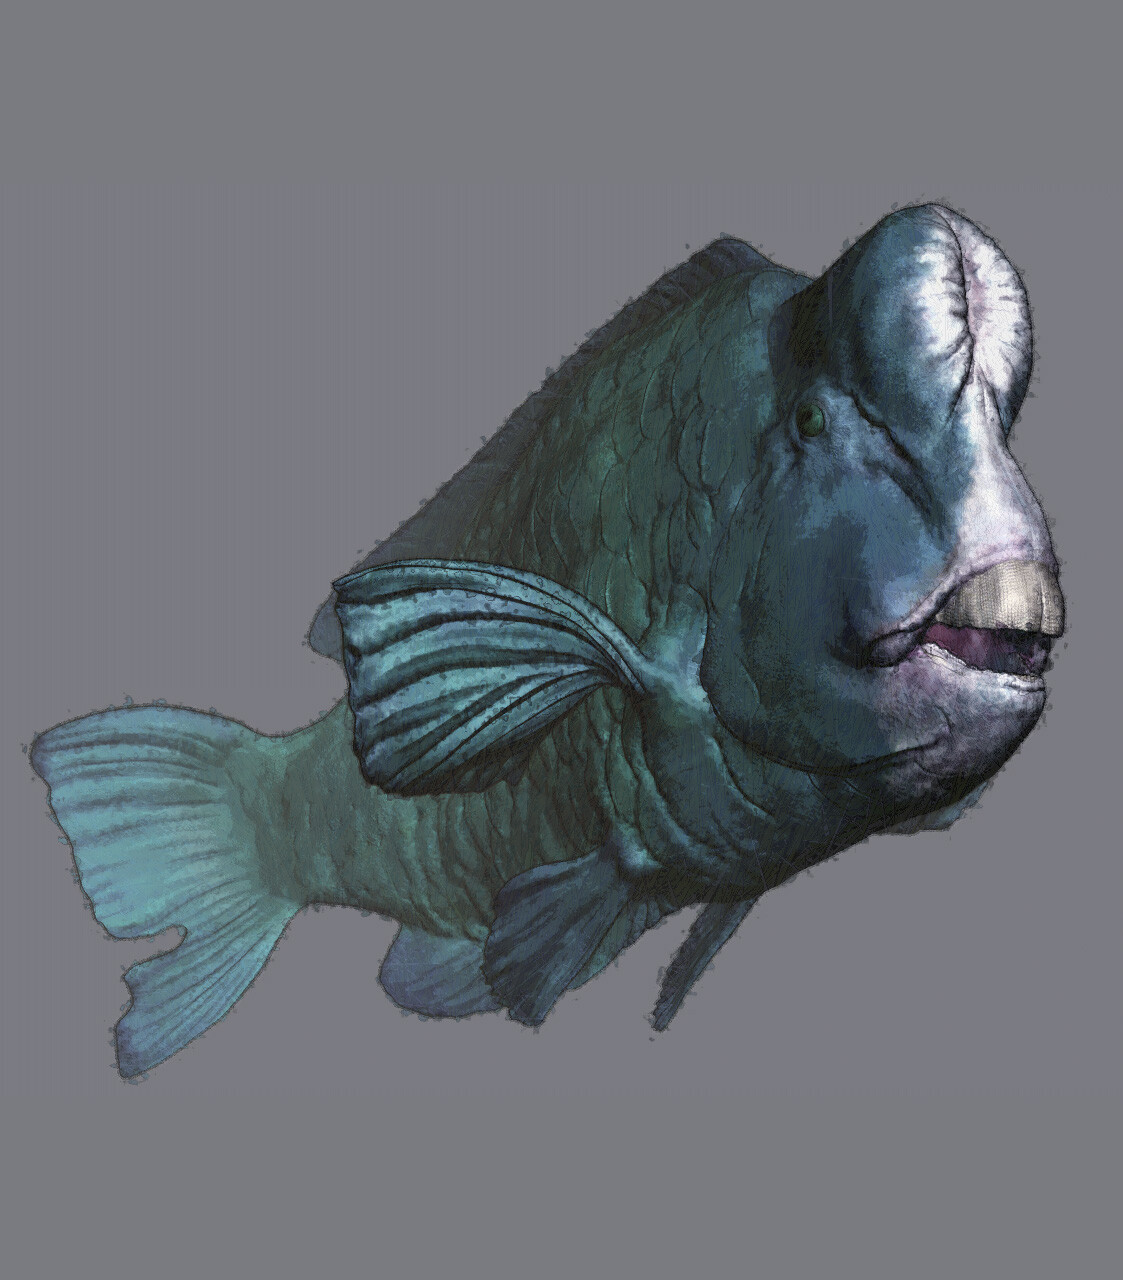 Eric keller parrotfish 04